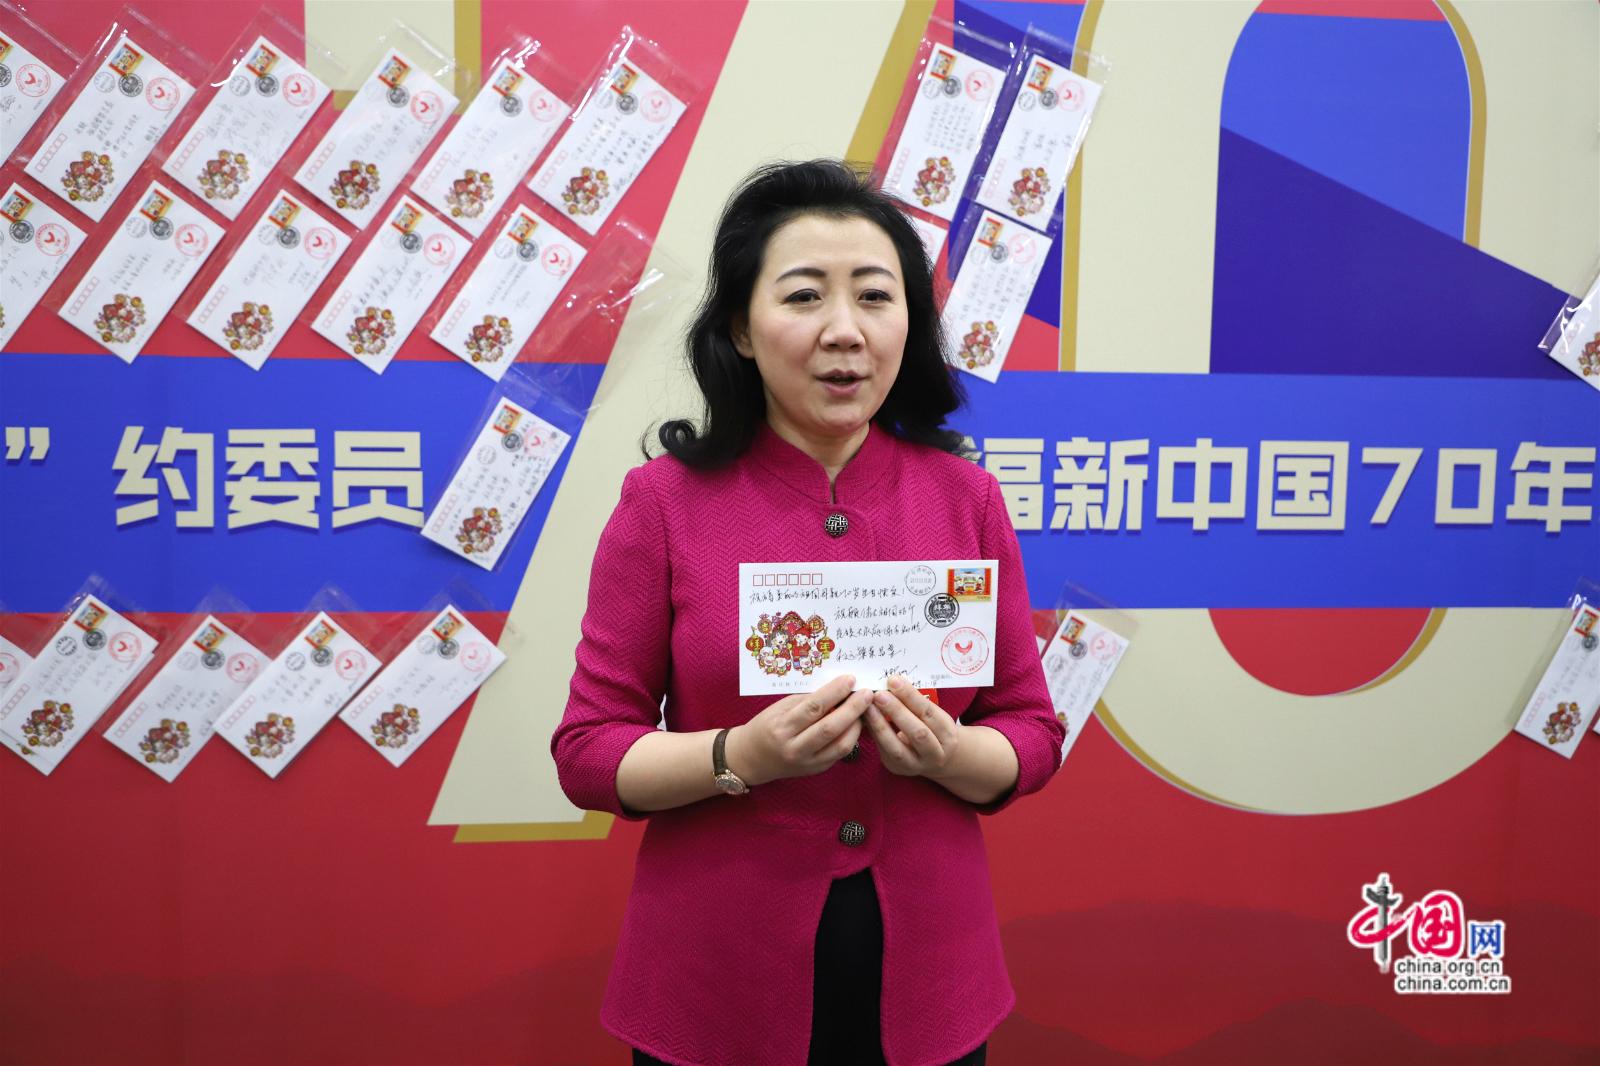 北京市政协委员娜木拉参与节目录制。中国网记者李培刚摄